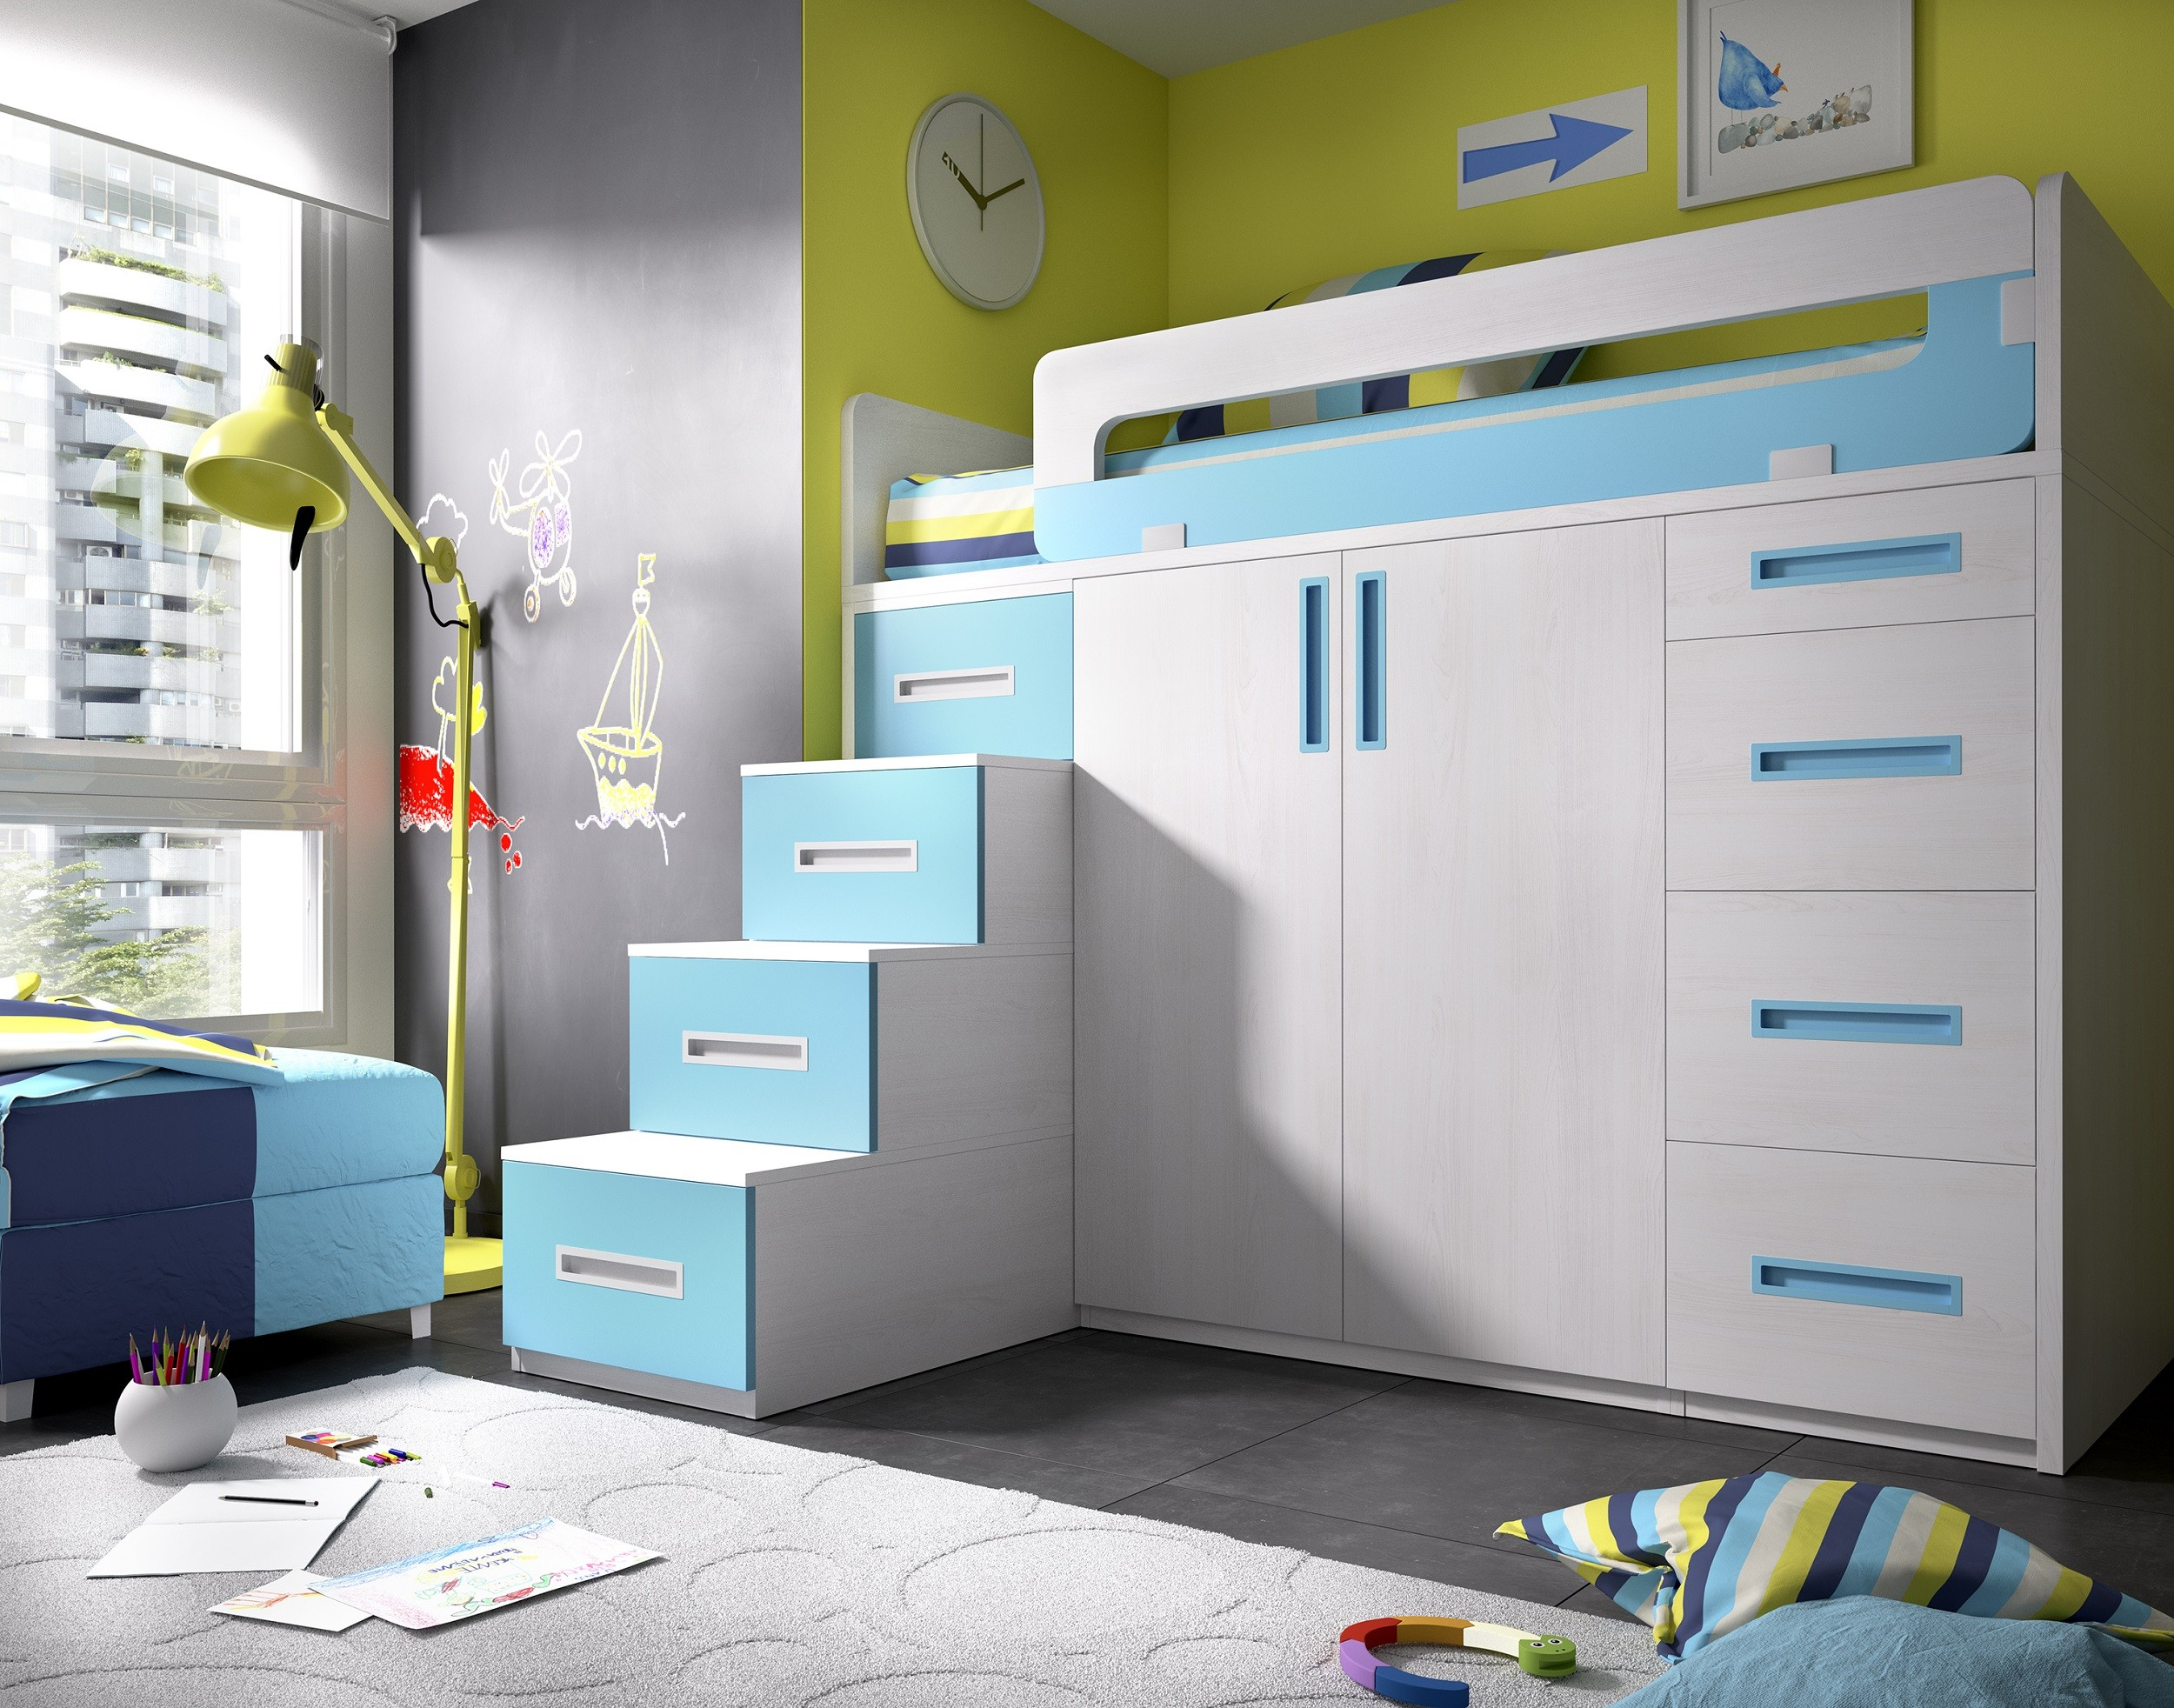 Full Size of Hochbett Kinderzimmer Jump 322 Und Jugendzimmer Sets Regal Weiß Sofa Regale Kinderzimmer Kinderzimmer Hochbett